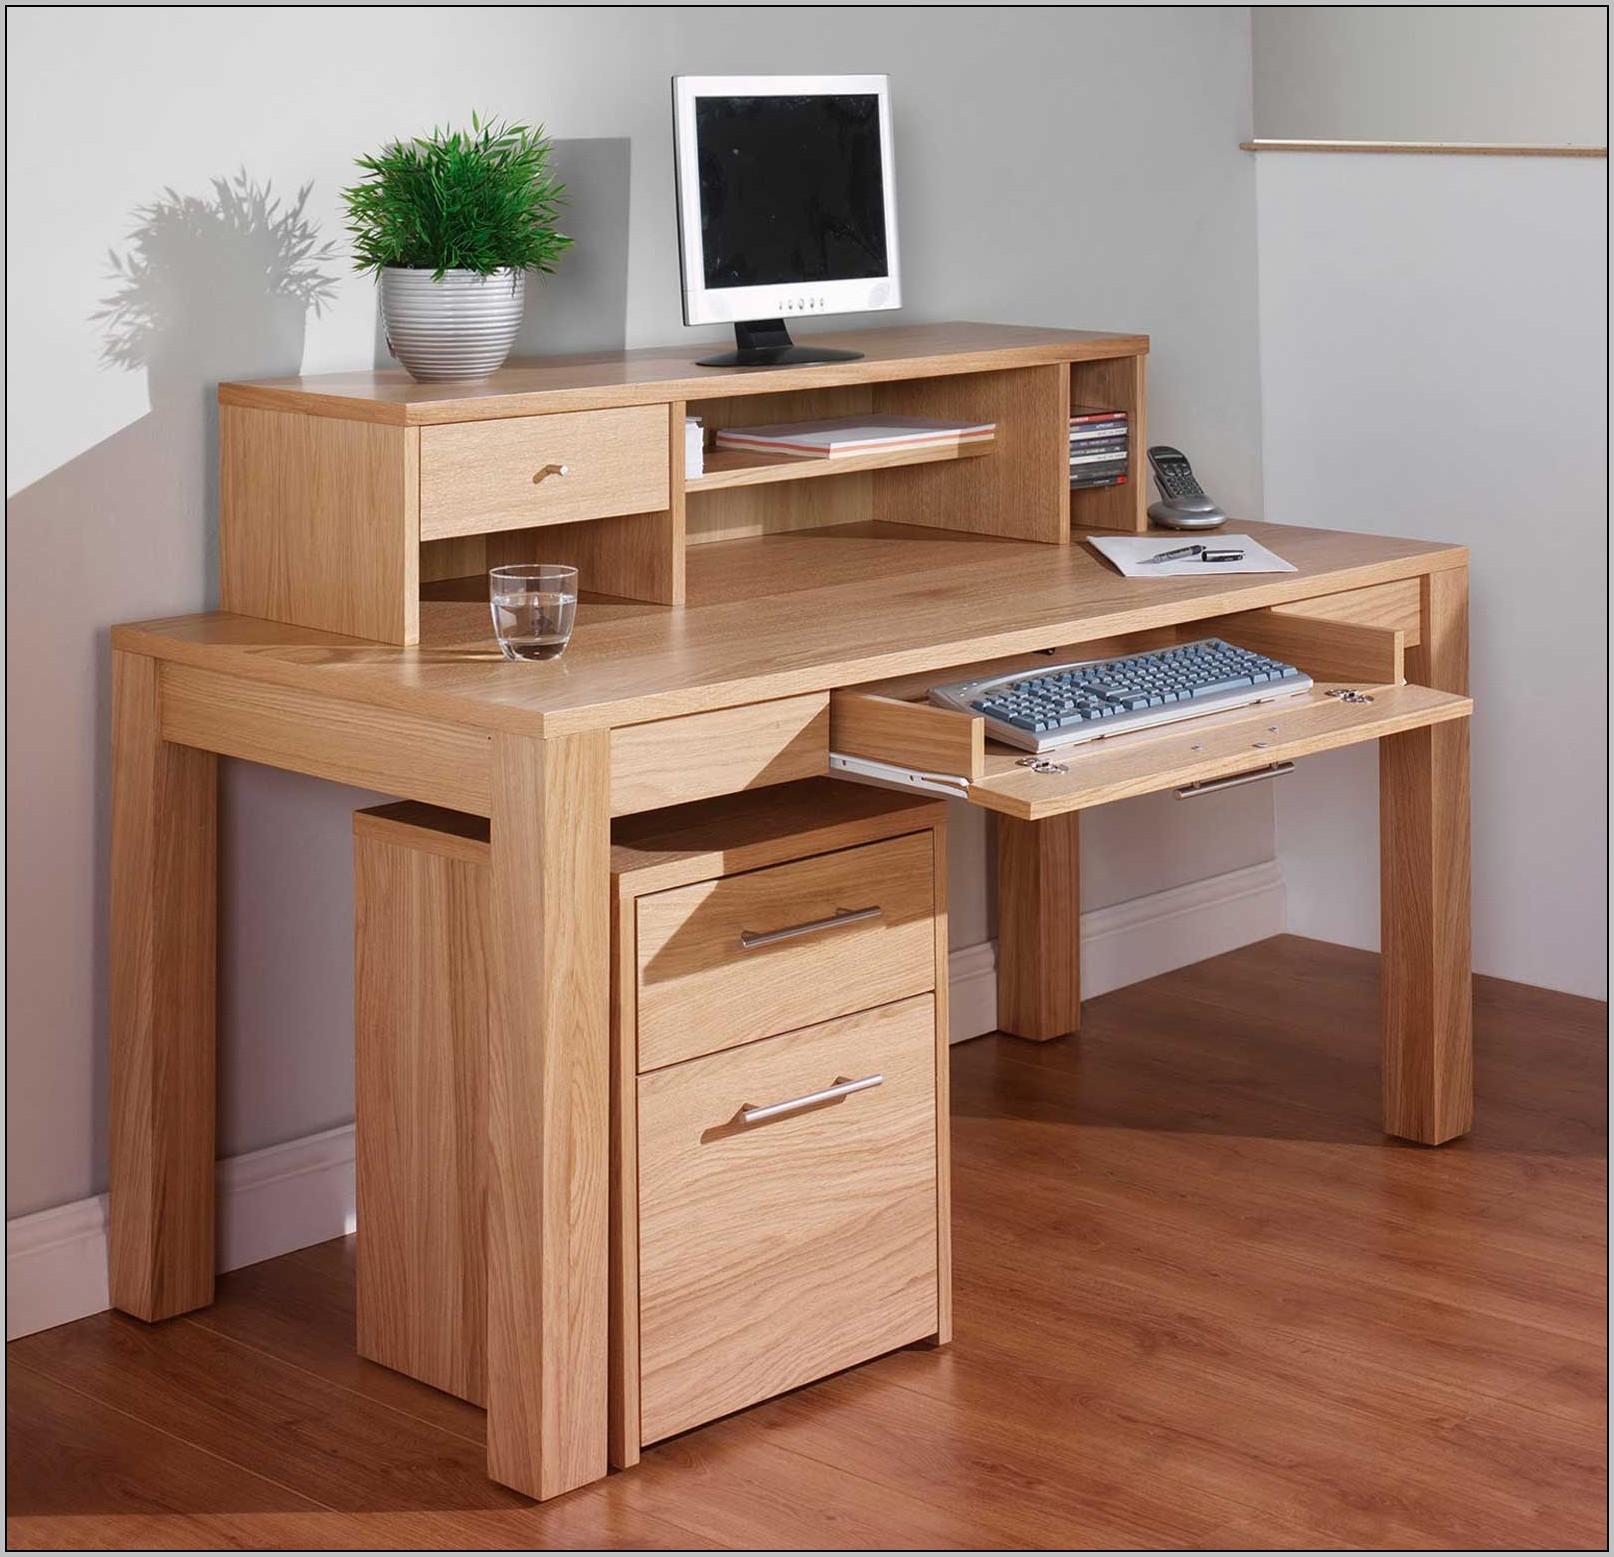 Office Depot Desk Chairs  Desk  Home Design Ideas